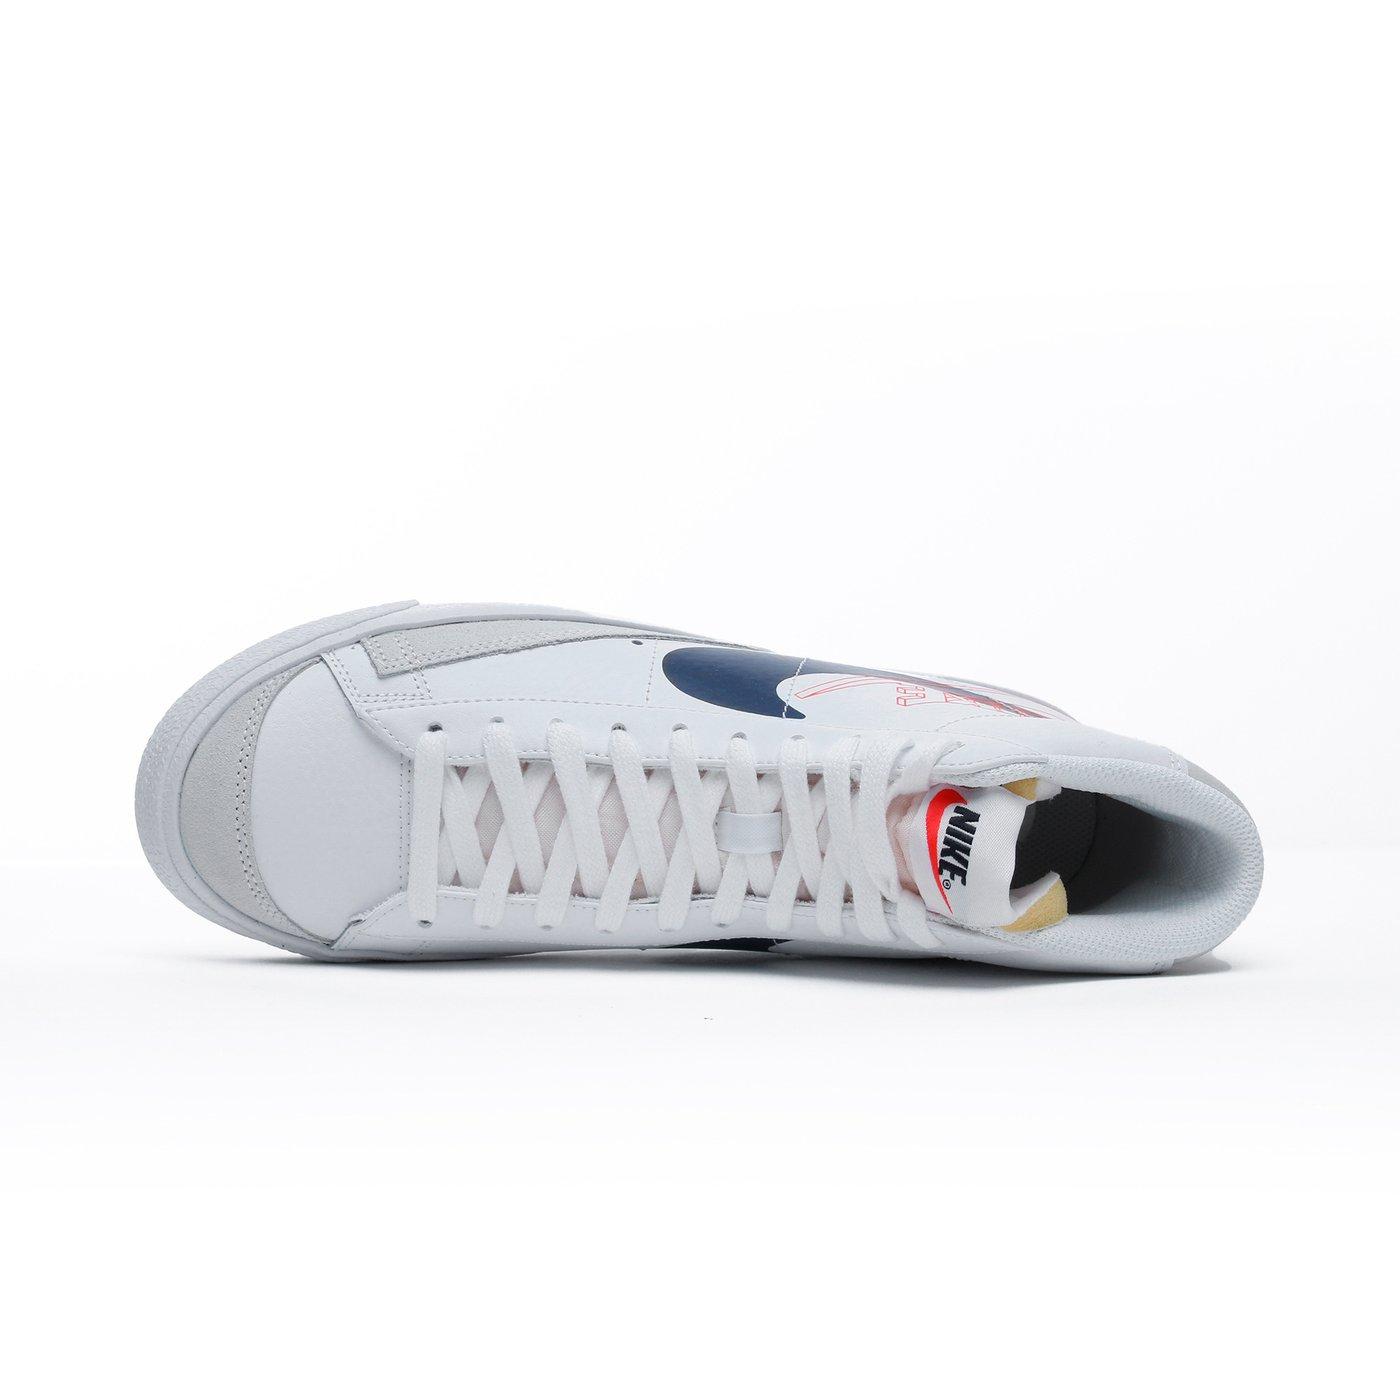 Nike Blazer Mid '77 Erkek Siyah Spor Ayakkabı